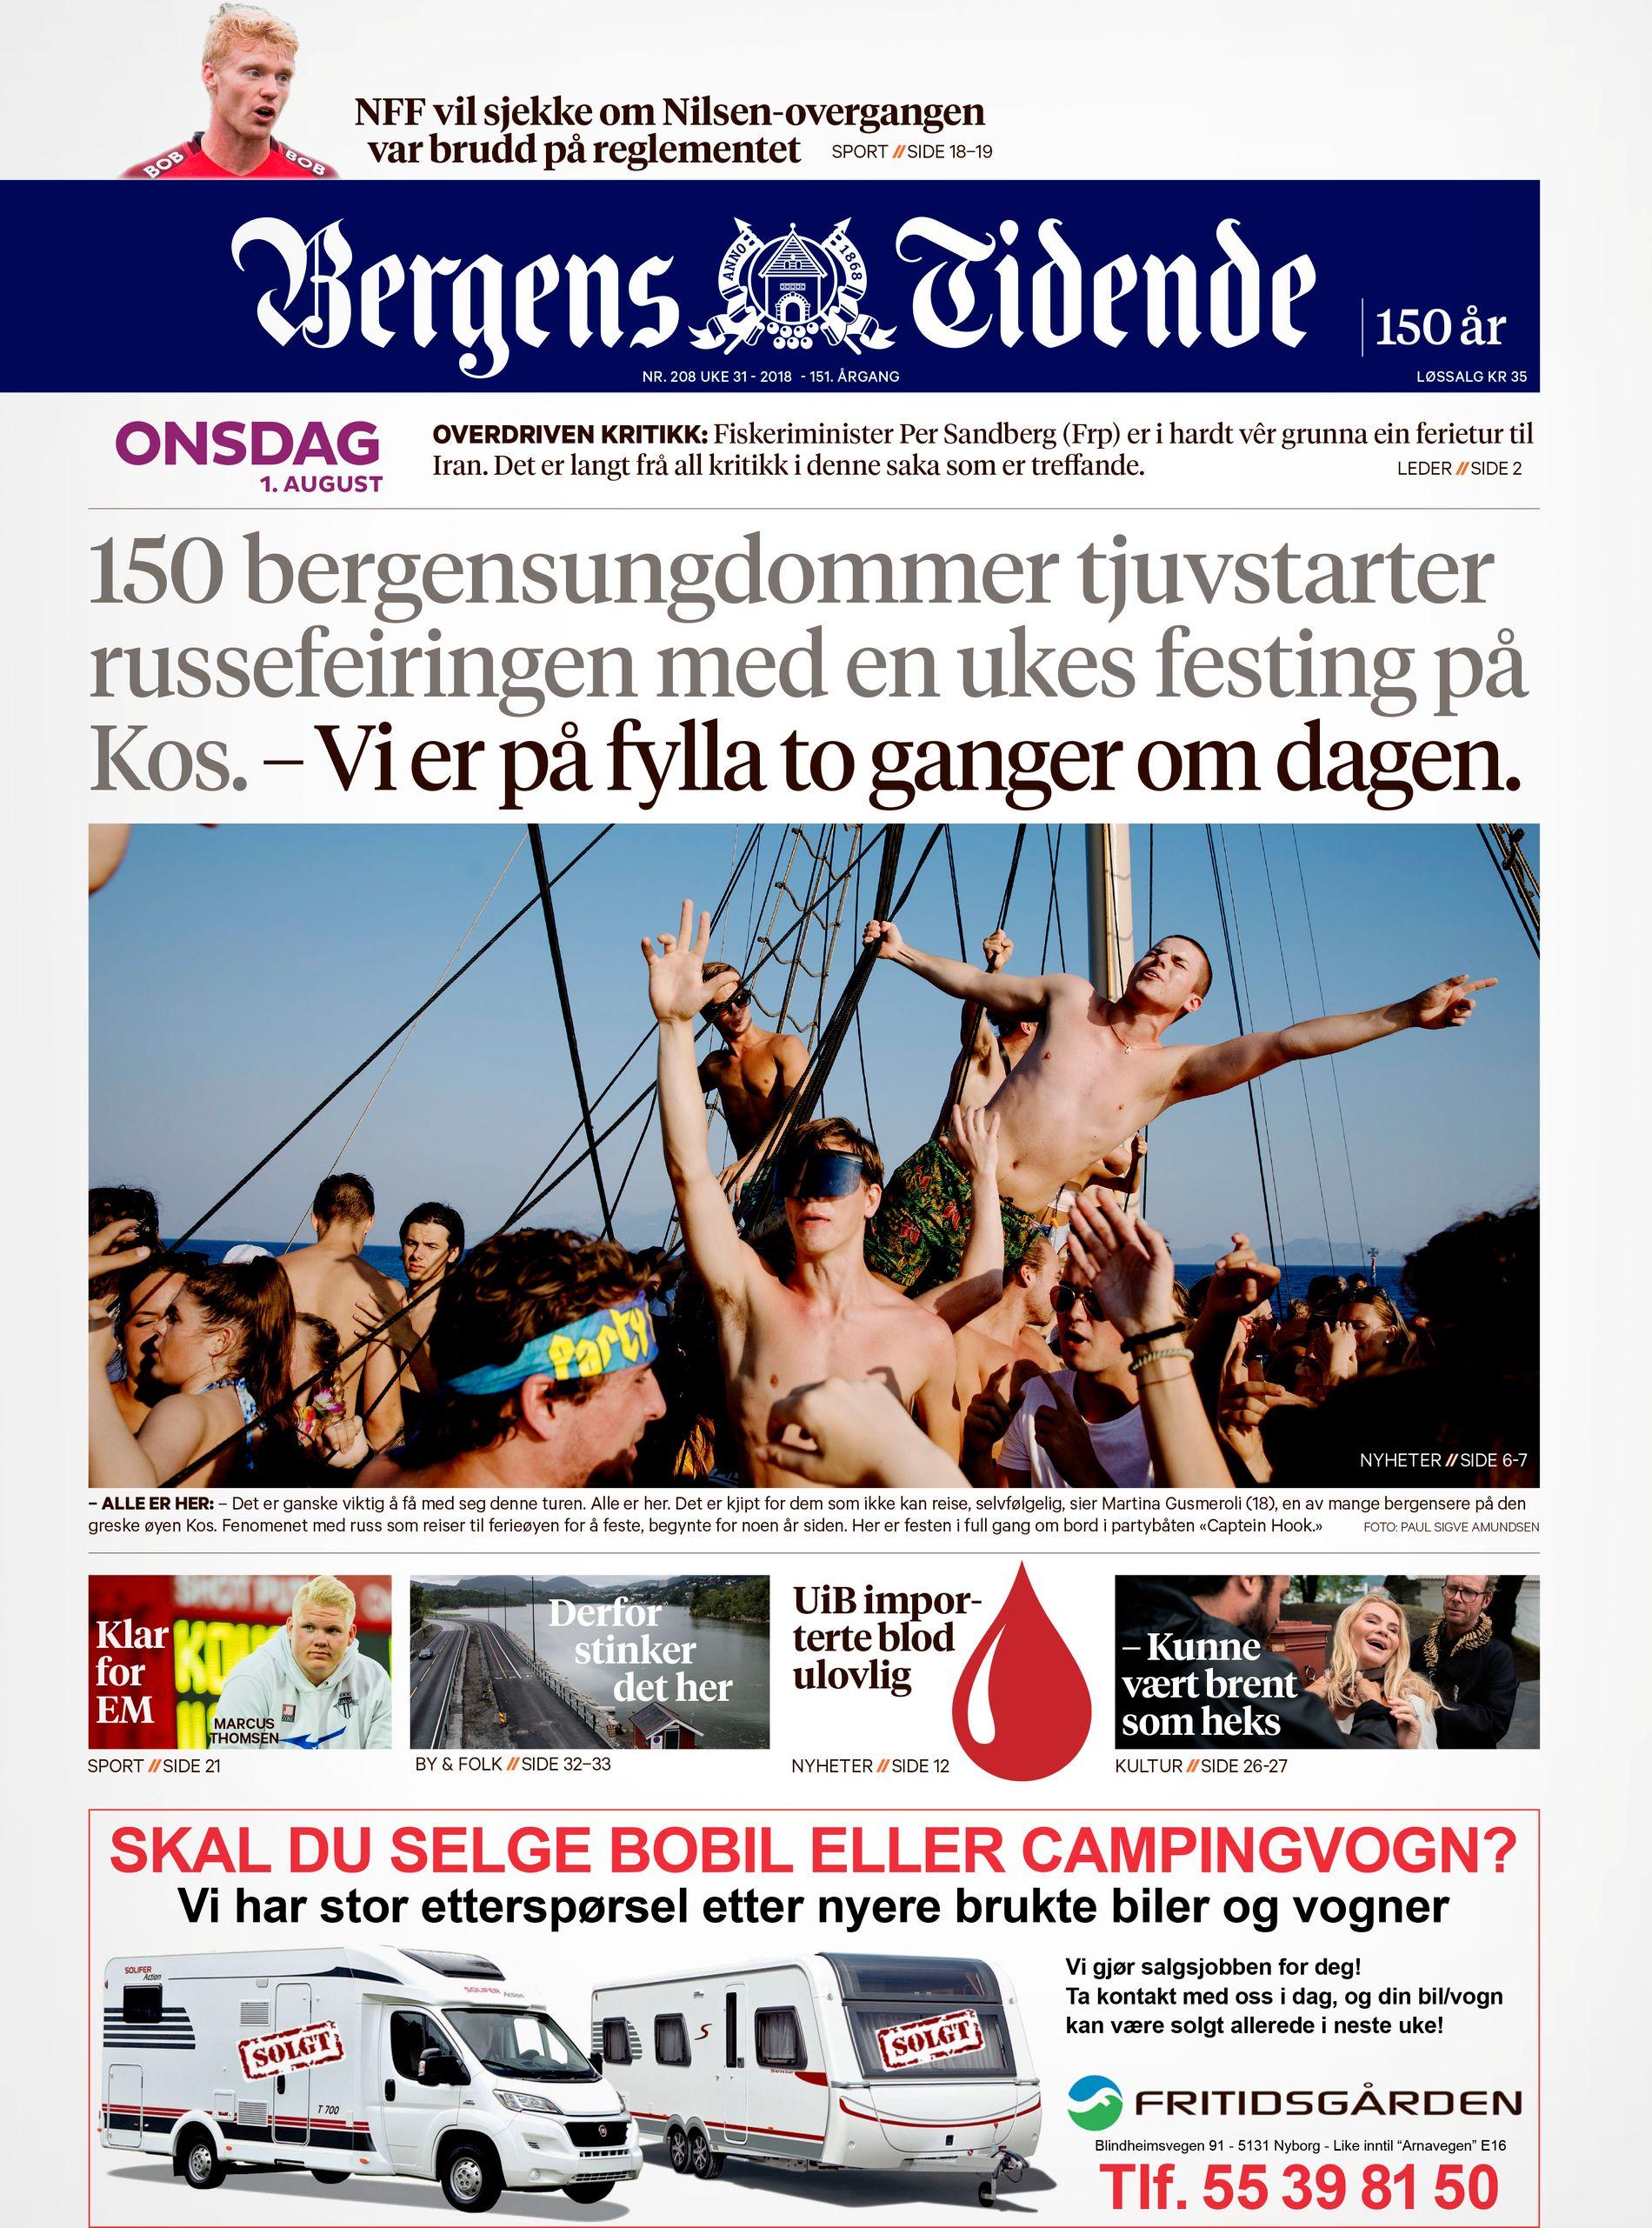 HEFTIG FESTING: Russefestene i Hellas har vært seinsommerens største mediesak, ifølge innsenderen. Her er BT fra 1. august.